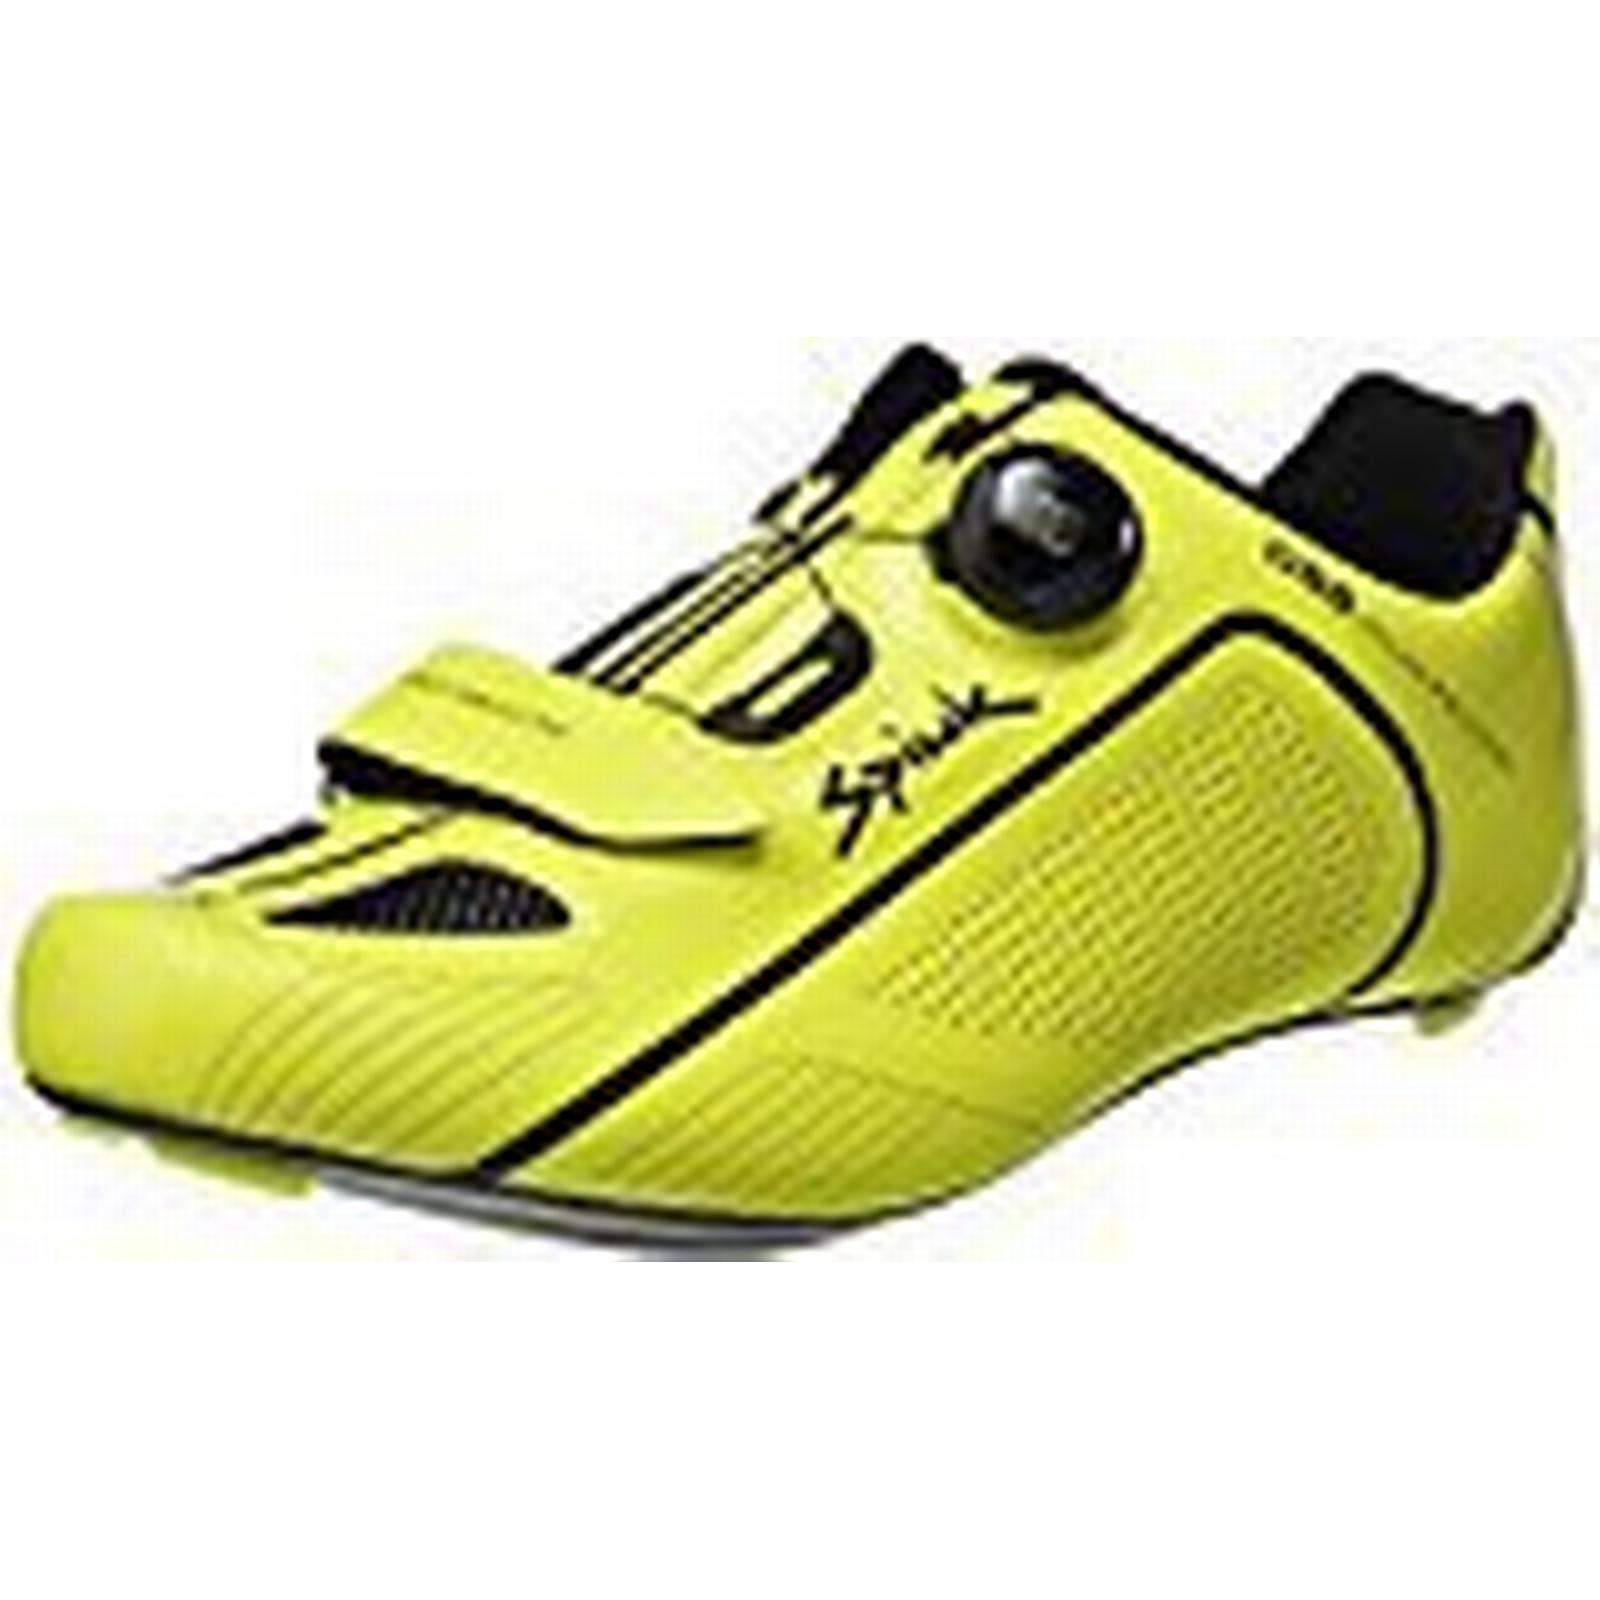 Spiuk altube Road C Shoe, Unisex Adult, Unisex adult, 46 Altube Road C, Yellow/Black, 46 adult, 9d6a9b